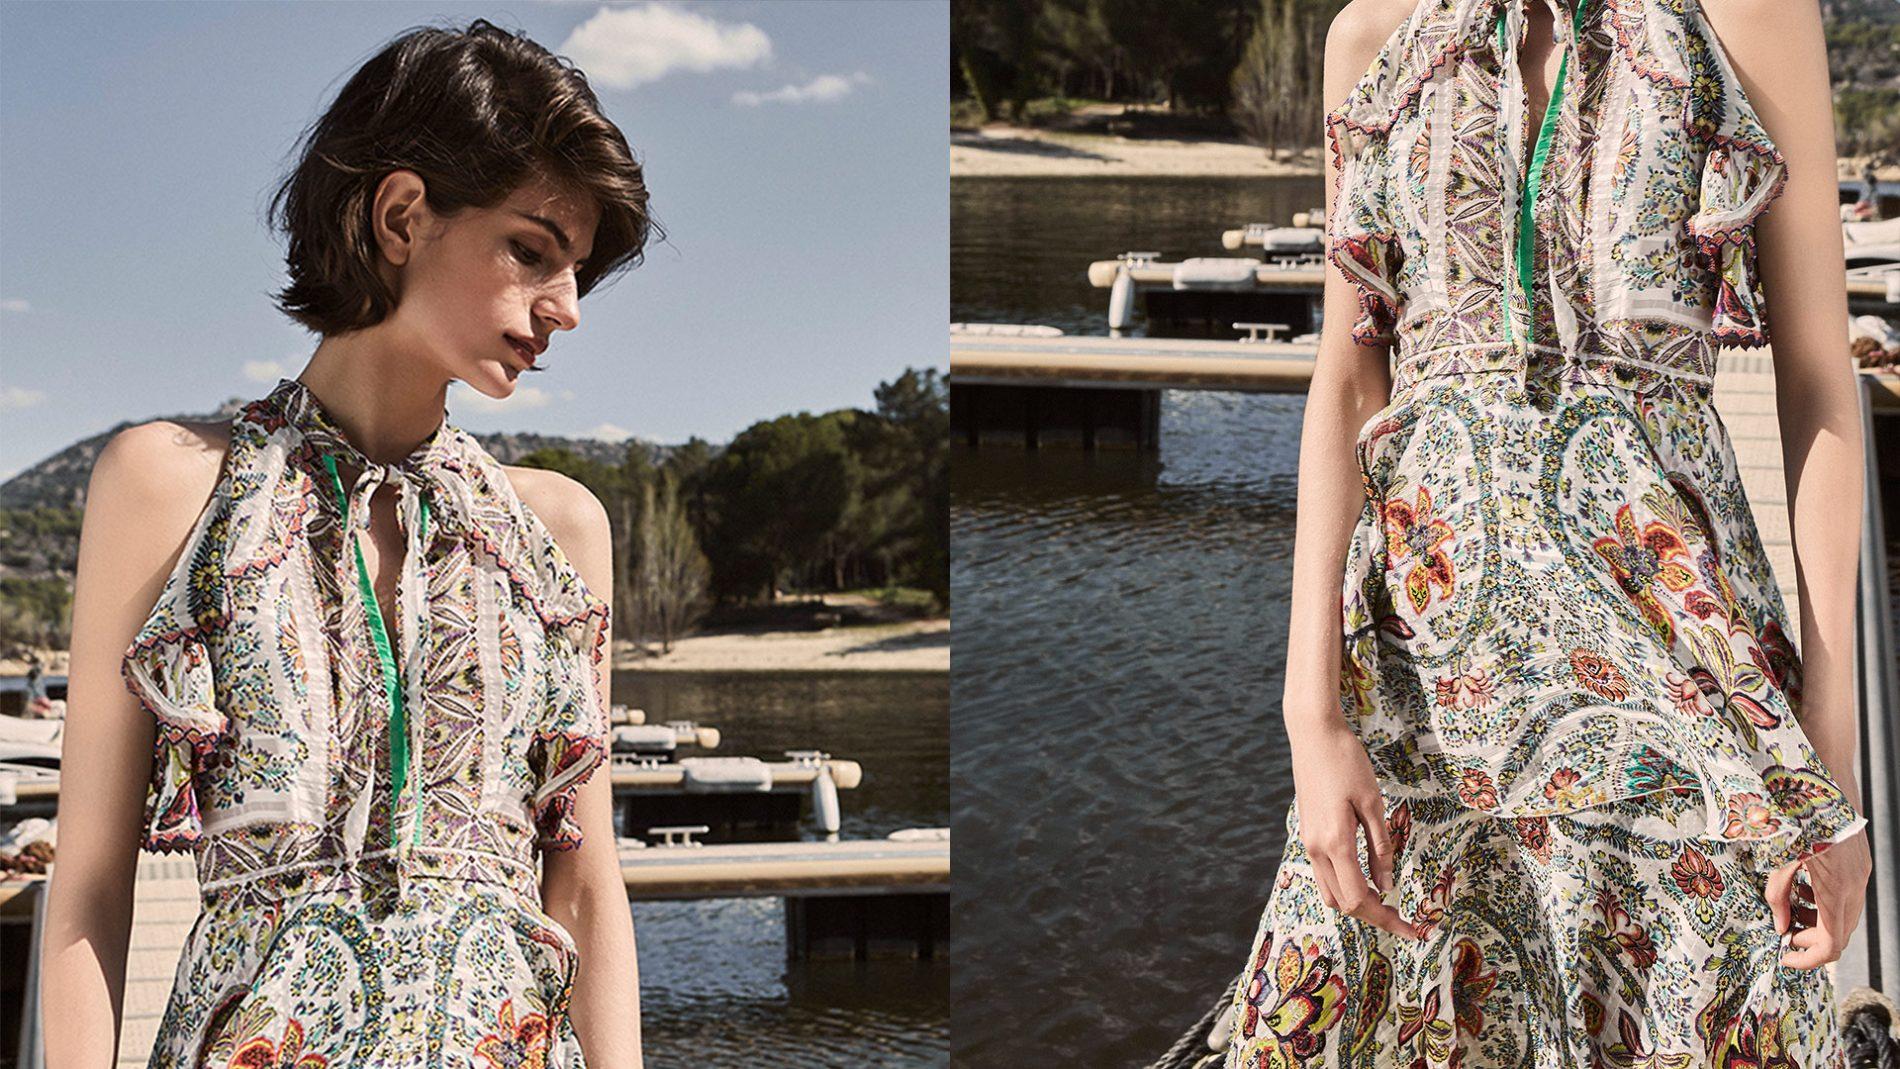 El Corte Inglés Ready-To-Wear Etro Dress